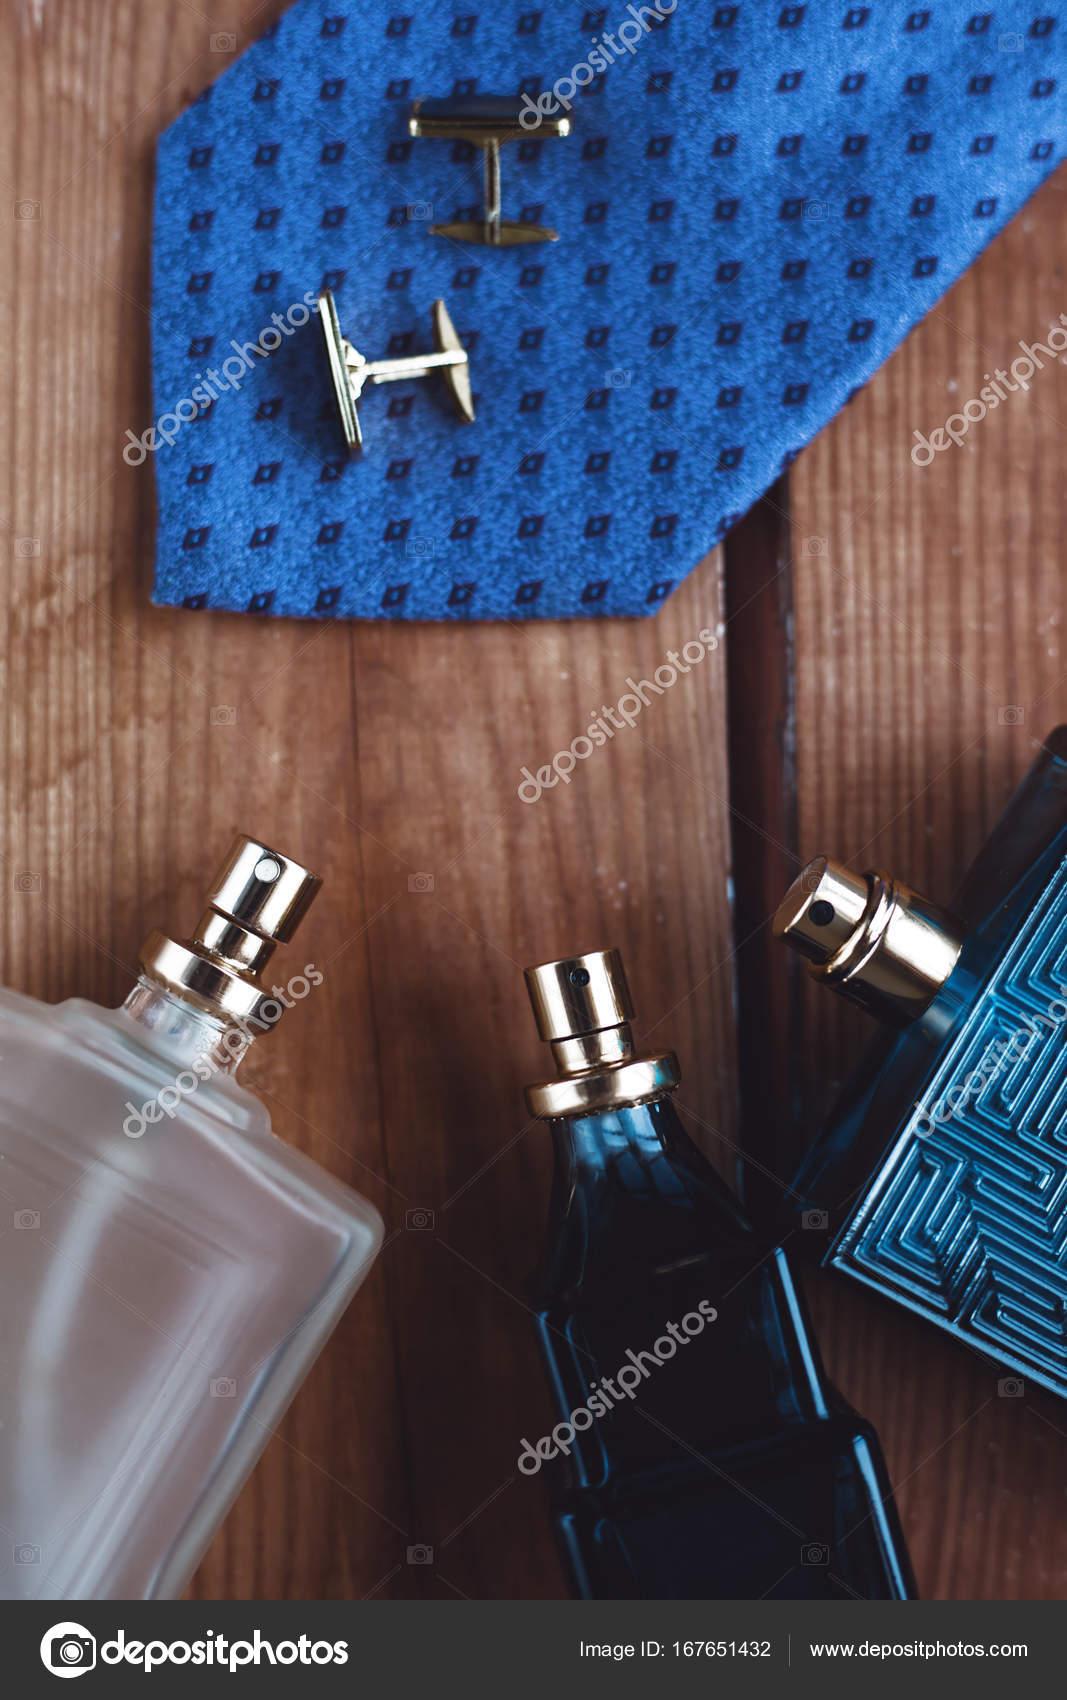 a75d8cb1c21 Ανδρικά αξεσουάρ μόδας. Άρωμα με γραβάτα και μανσέτα — Φωτογραφία ...